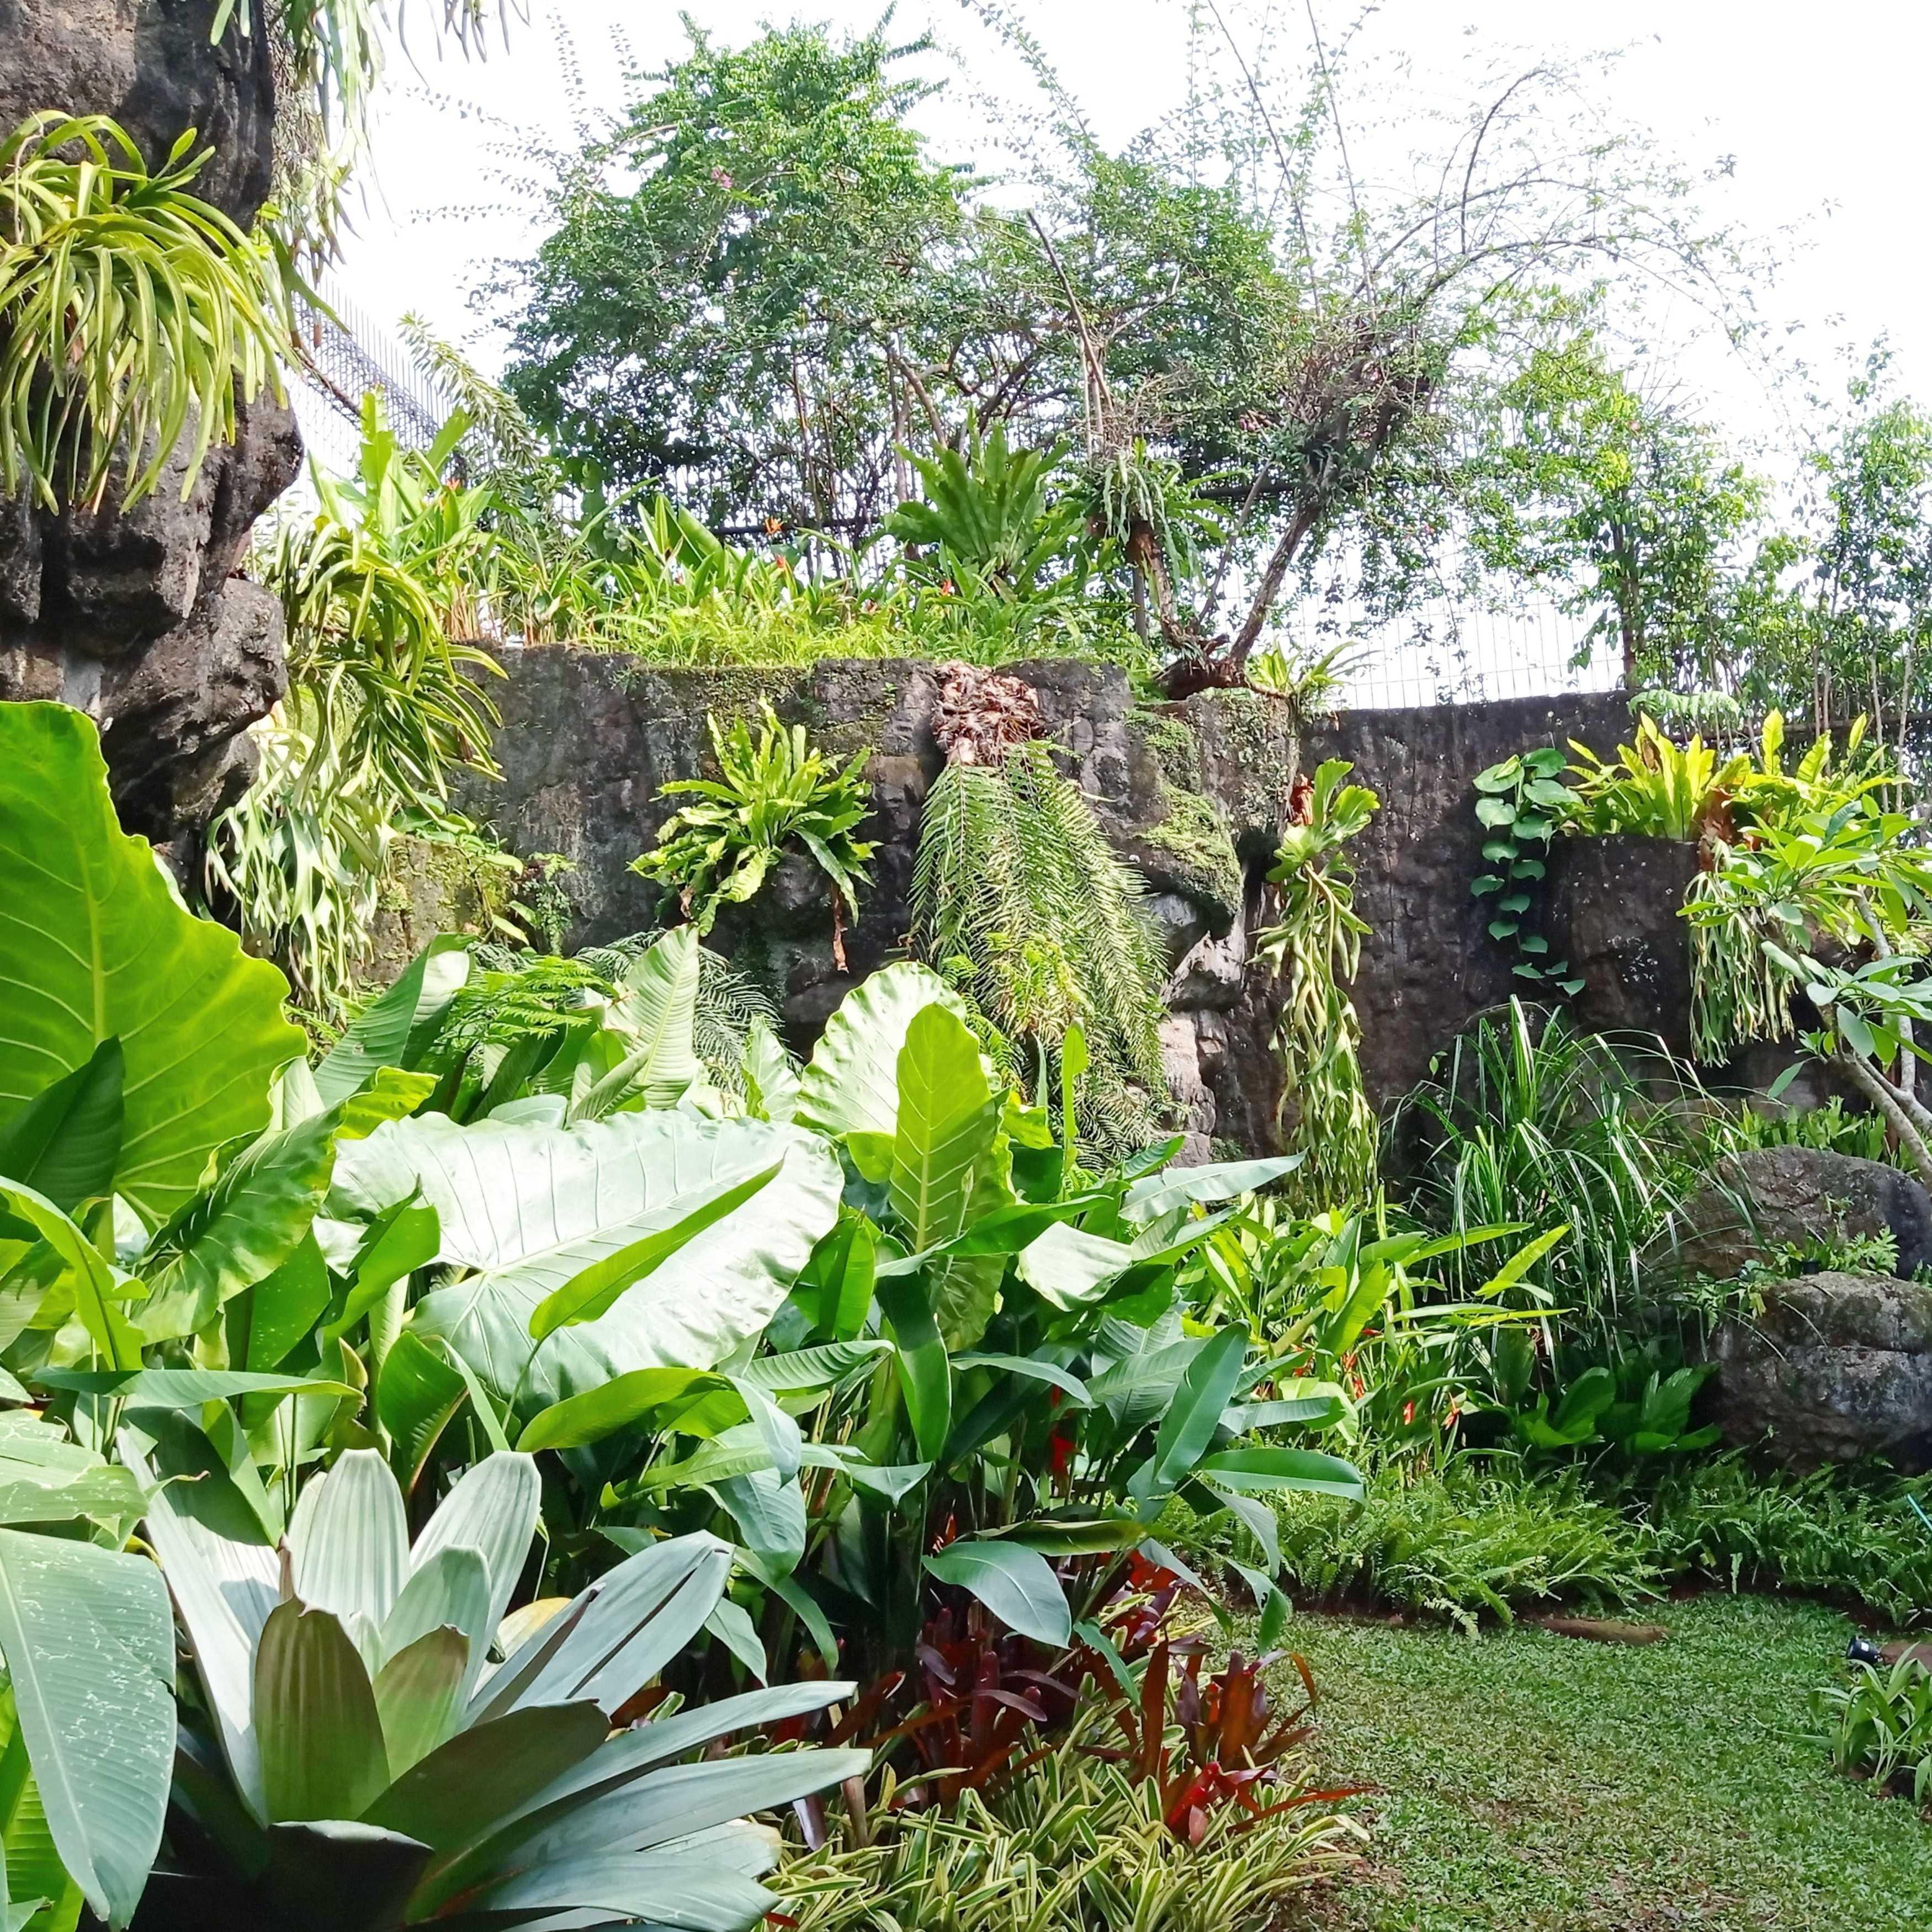 Greenxscape Raacha Suki & Bbq Bogor, Jawa Barat, Indonesia Bogor, Jawa Barat, Indonesia Greenxscape-Raacha-Suki-Bbq   110099